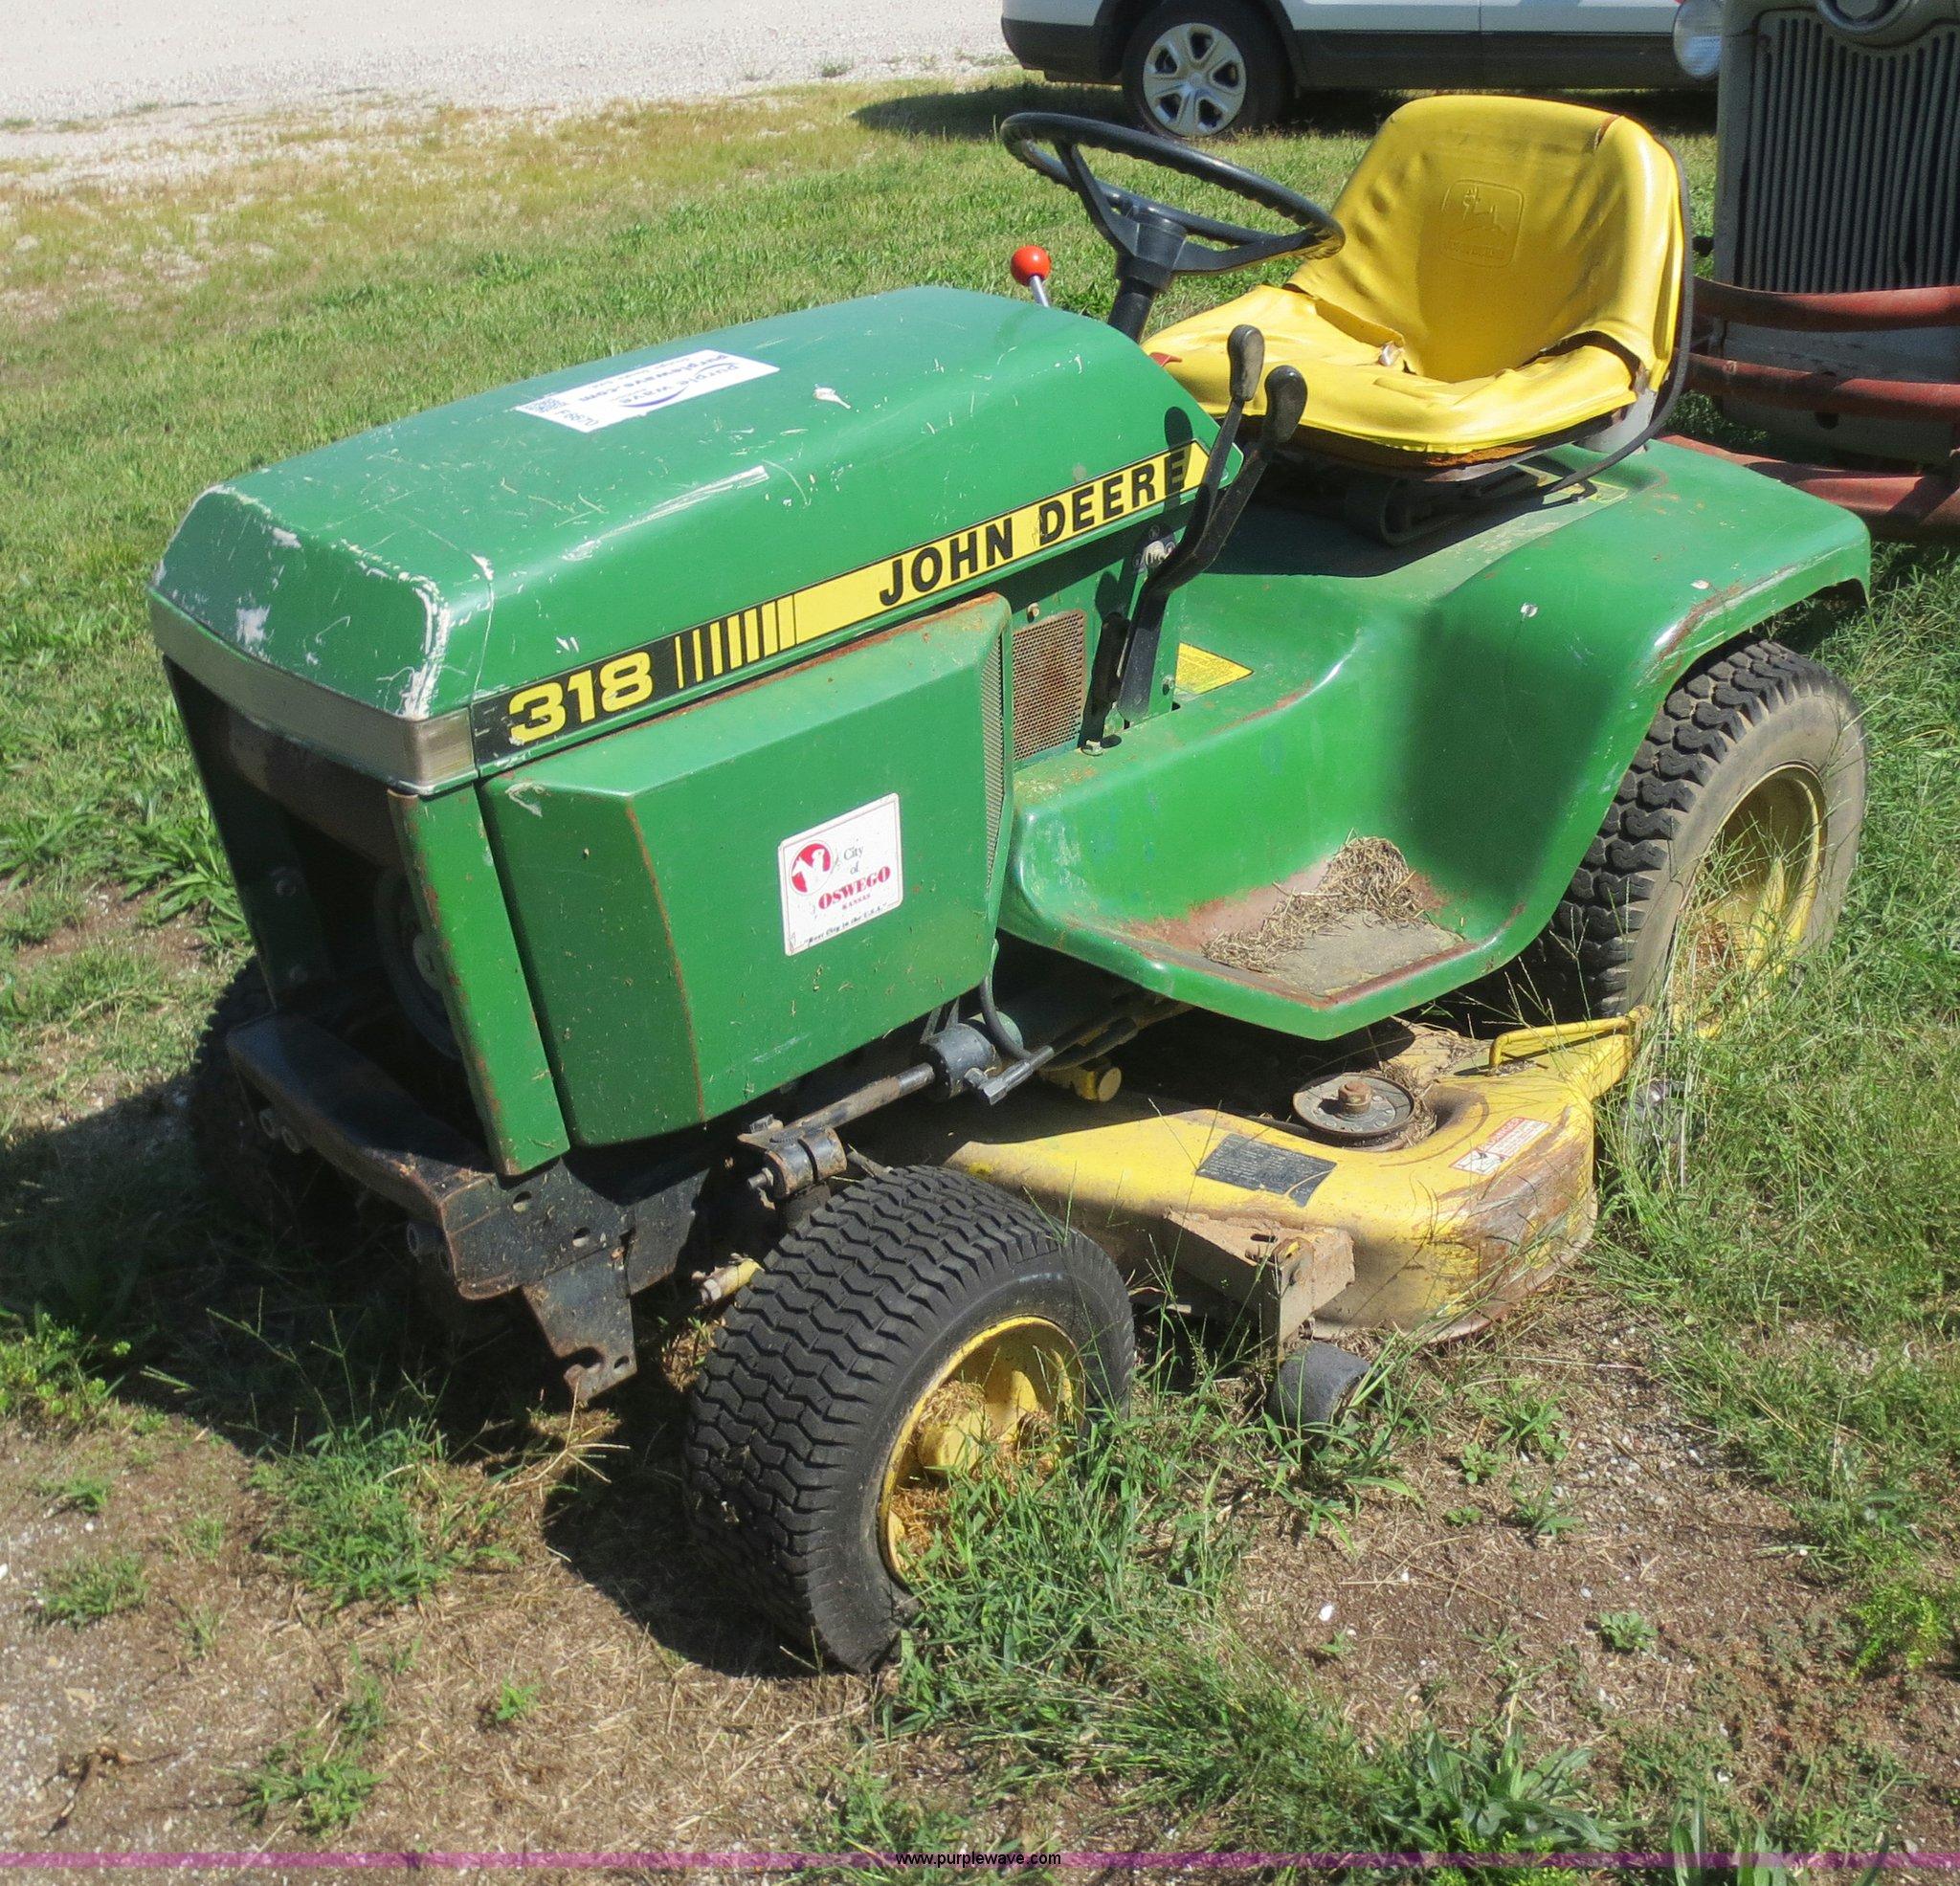 John Deere 318 >> John Deere 318 Lawn Tractor Item F6670 Sold October 8 G